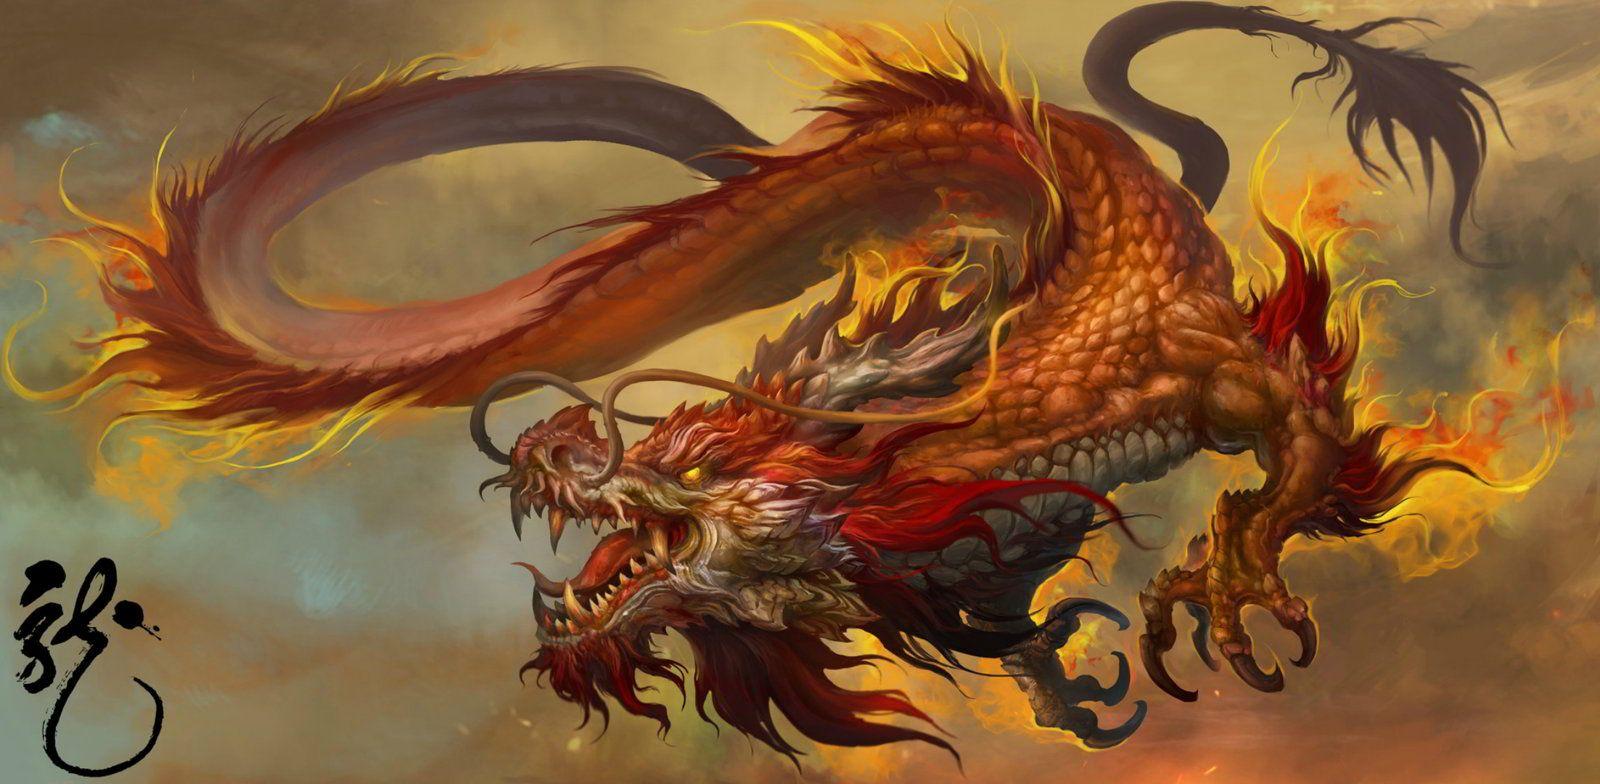 Ảnh Rồng Đẹp Nhất Thế Giới ❤️ 1001 Hình Ảnh Con Rồng 3D